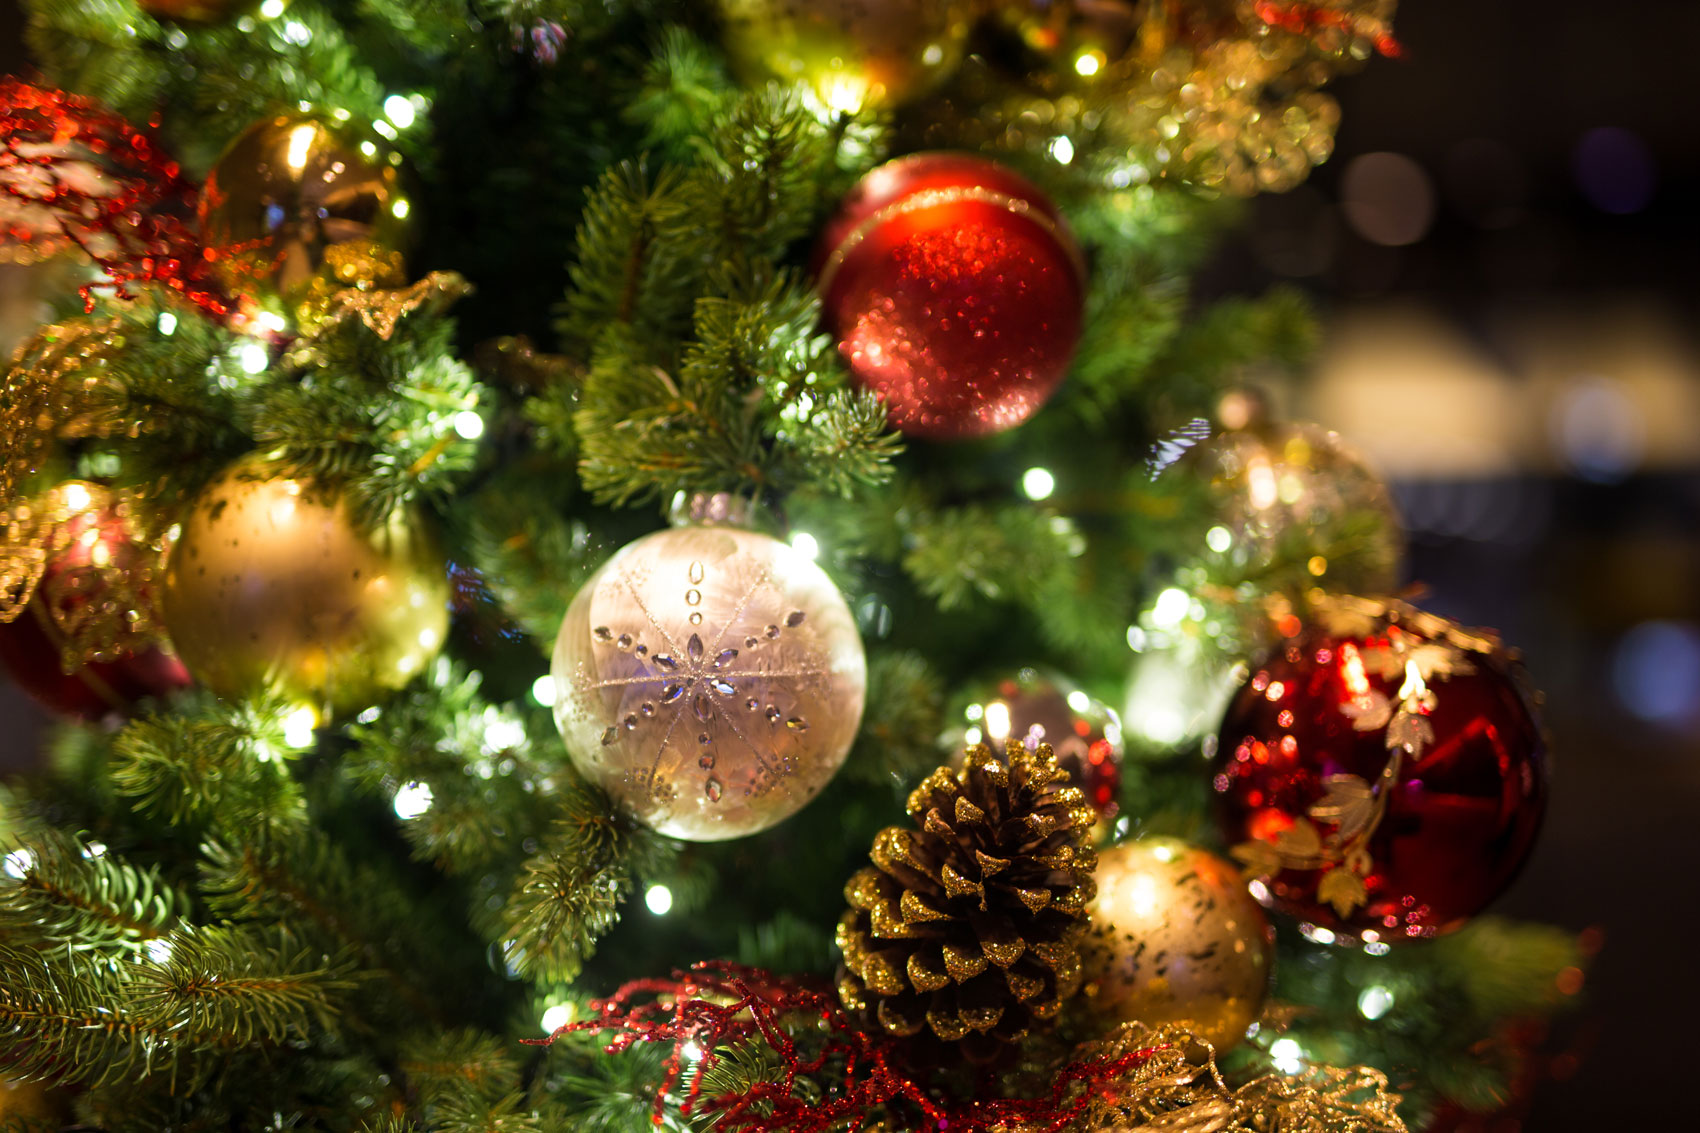 Decorazioni Natalizie A Poco Prezzo.4 Segreti Per Un Albero Di Natale Davvero Magico